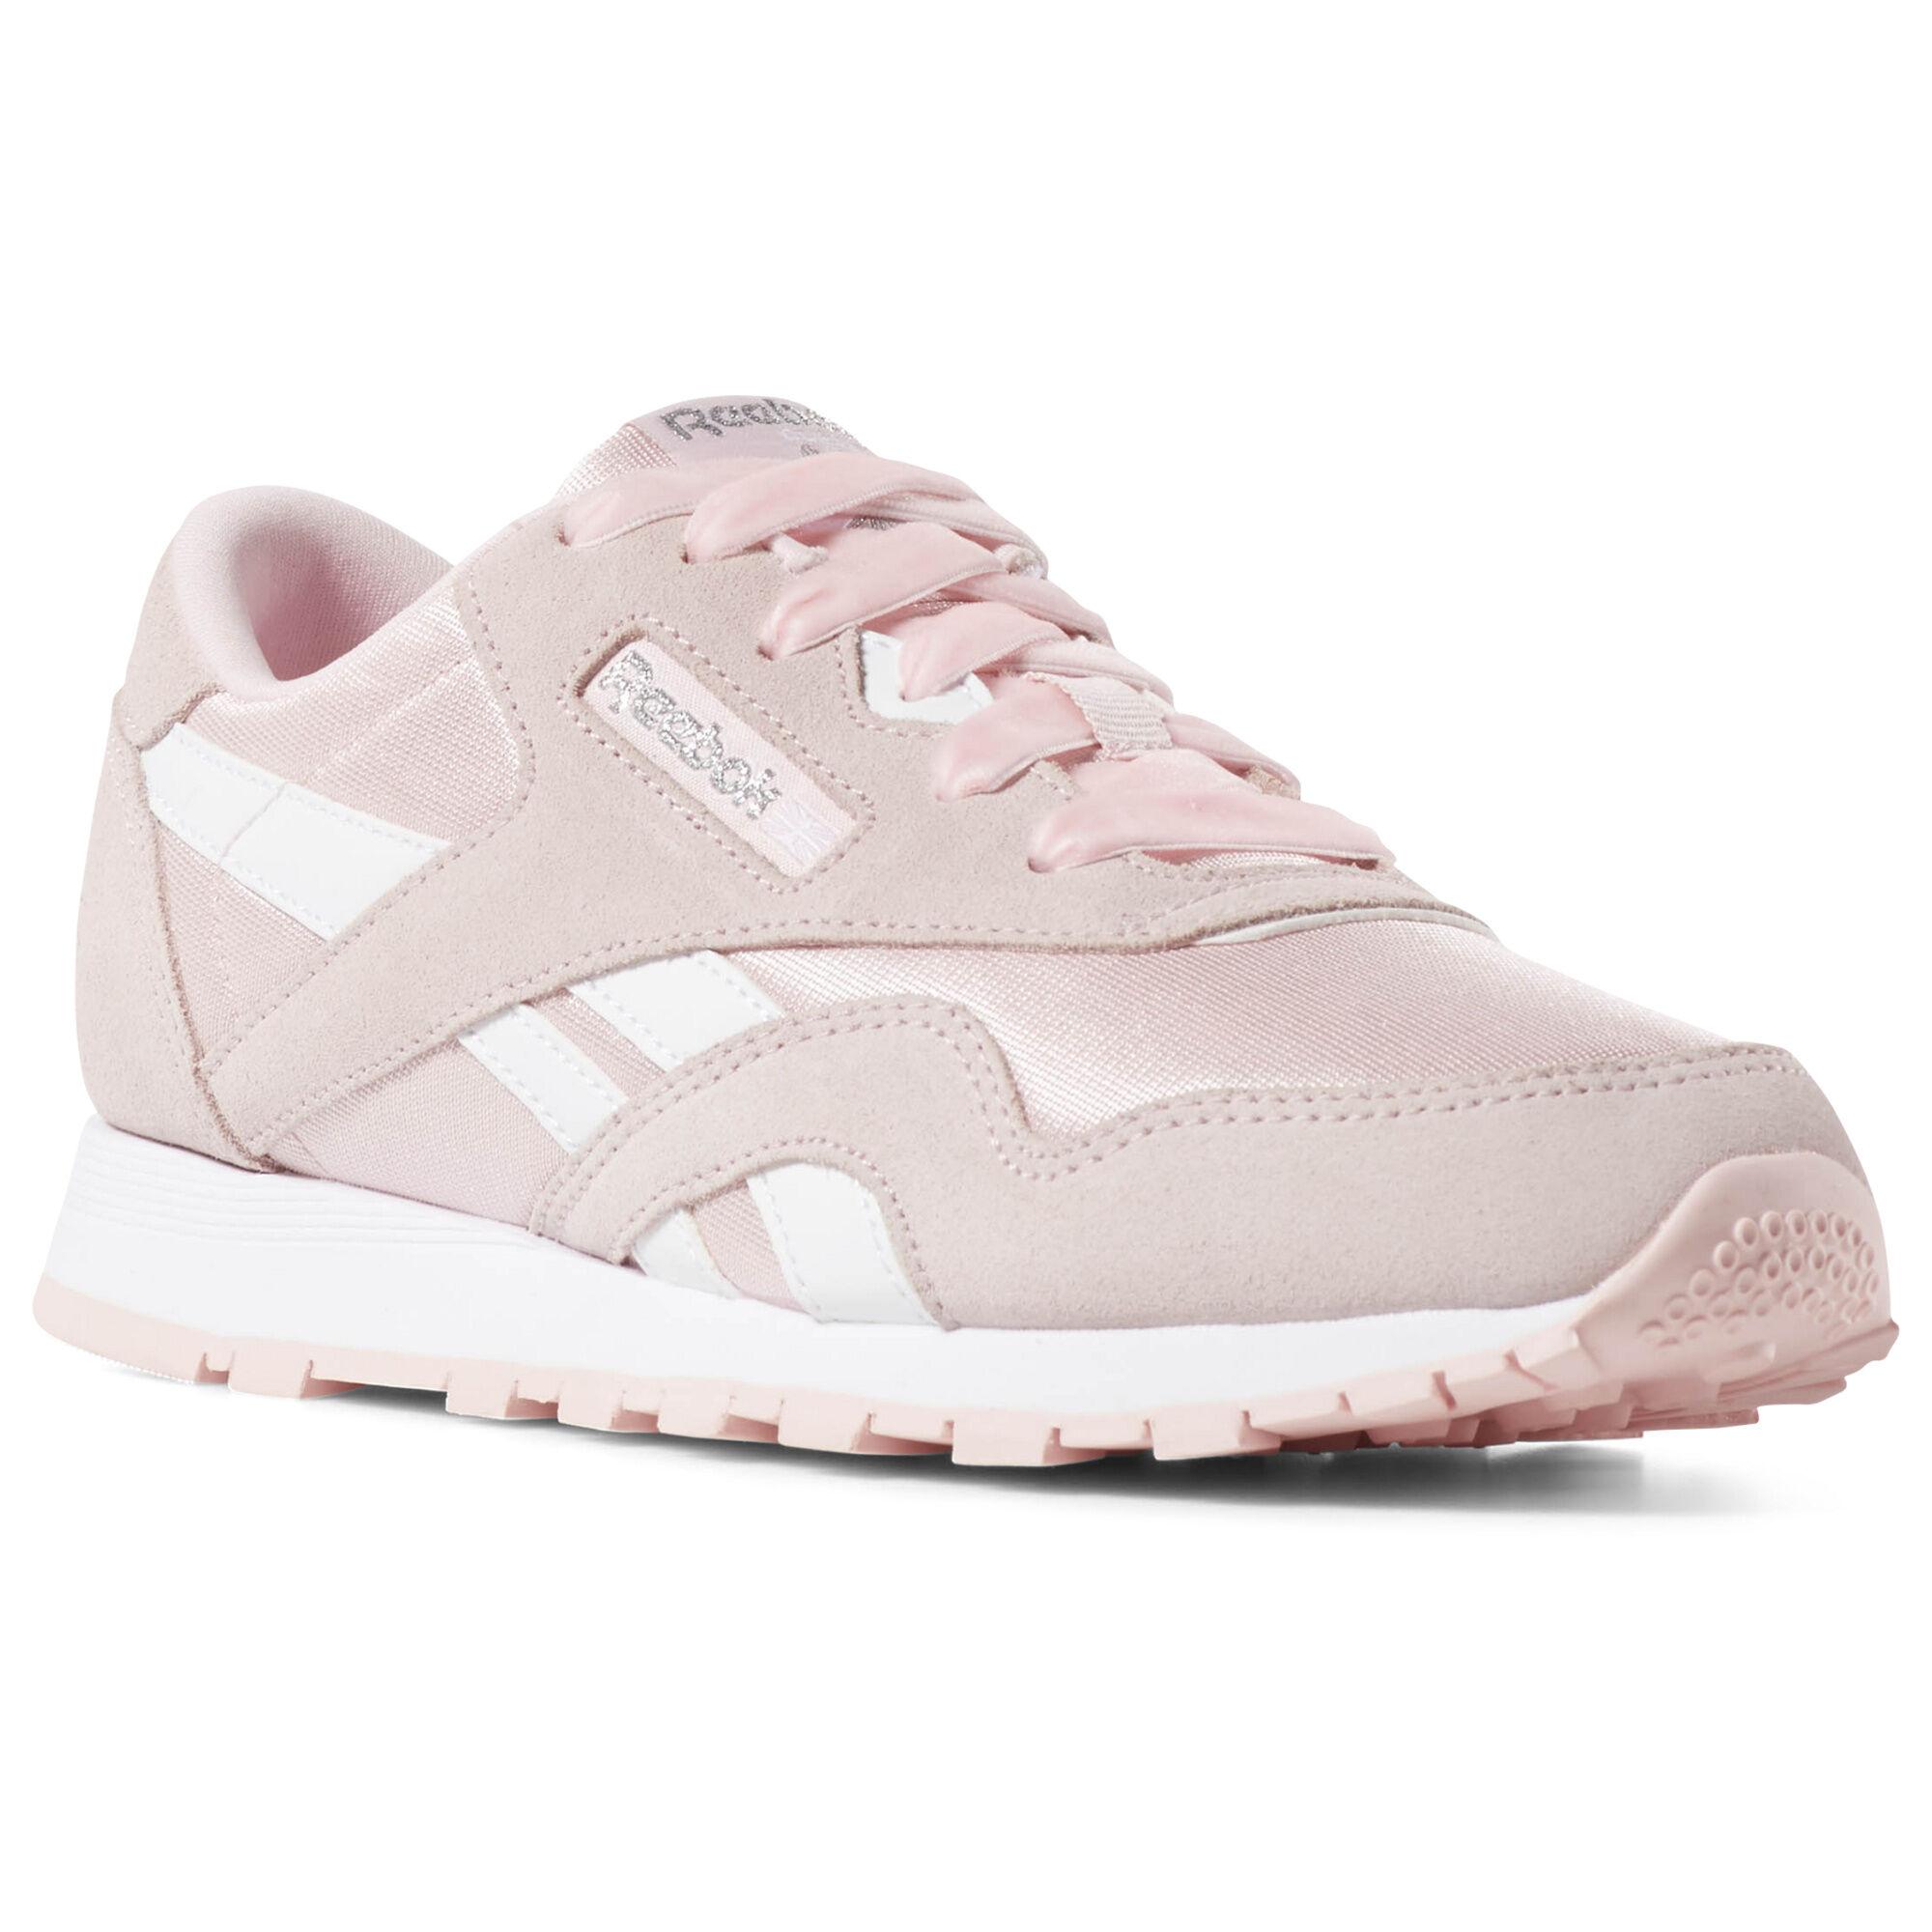 Reebok Nylon Pink Mlt Classic Reebok Classic HxOq5UwRx